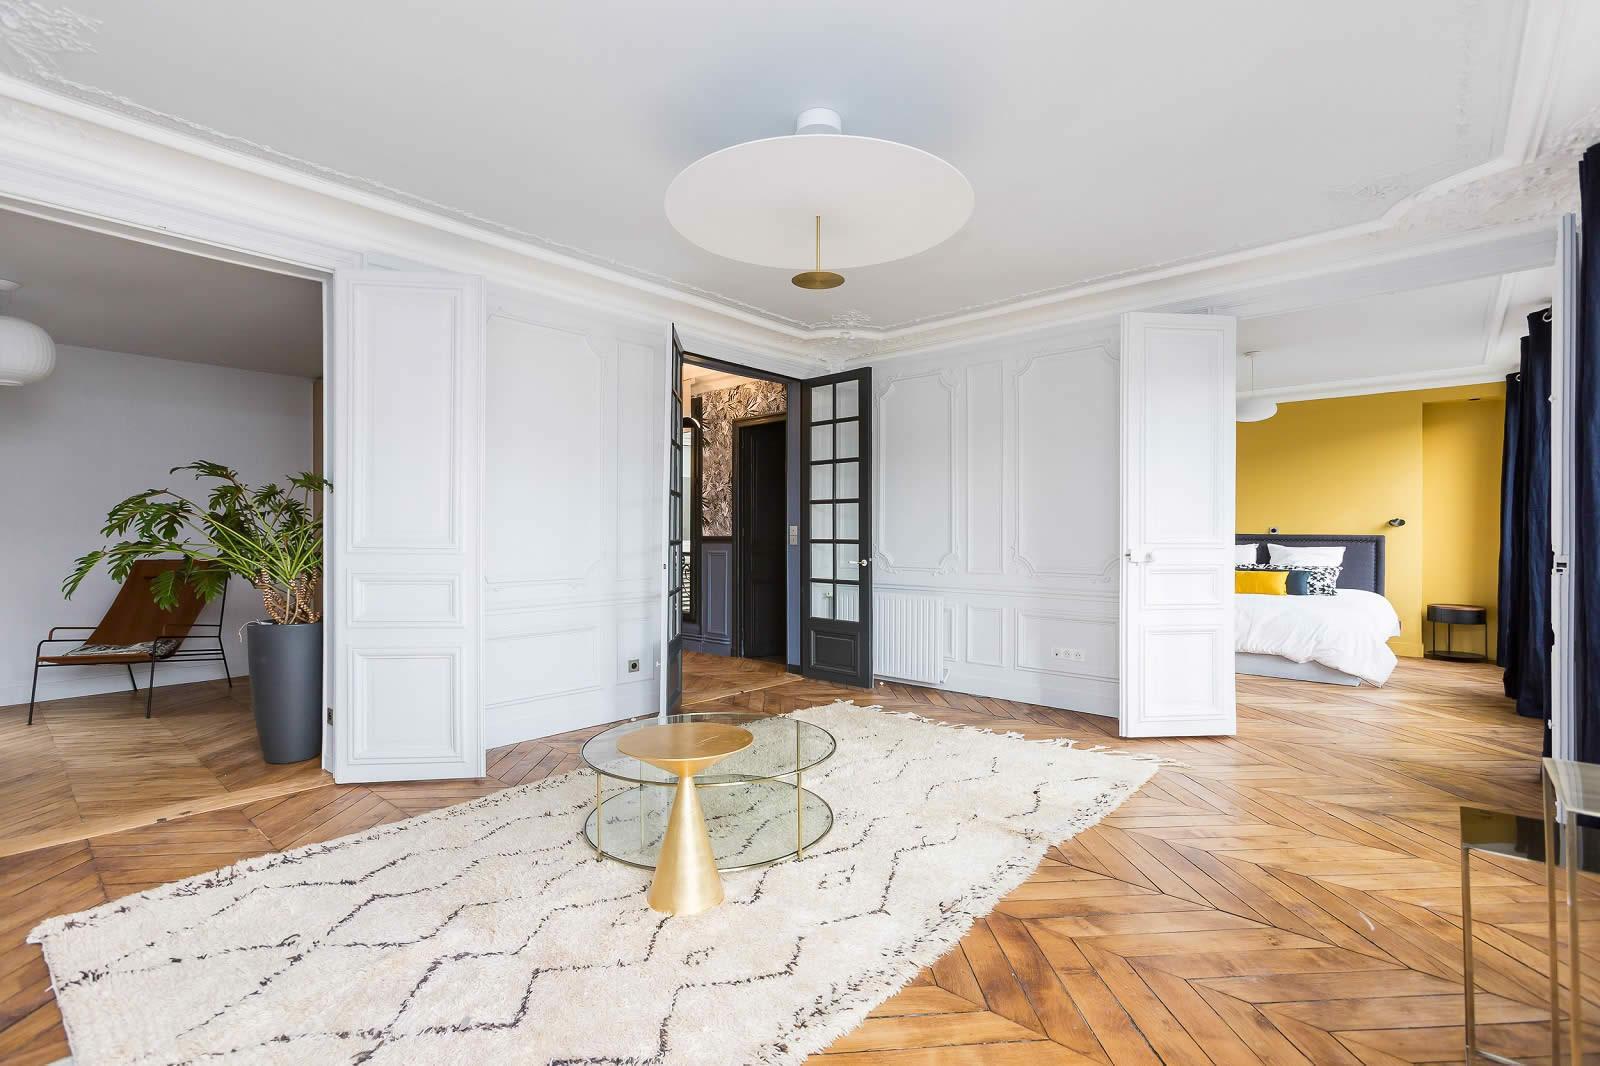 Appartement de luxe vendre saint germain des pr s - Appartement luxe paris avec design sophistique et elegant ...